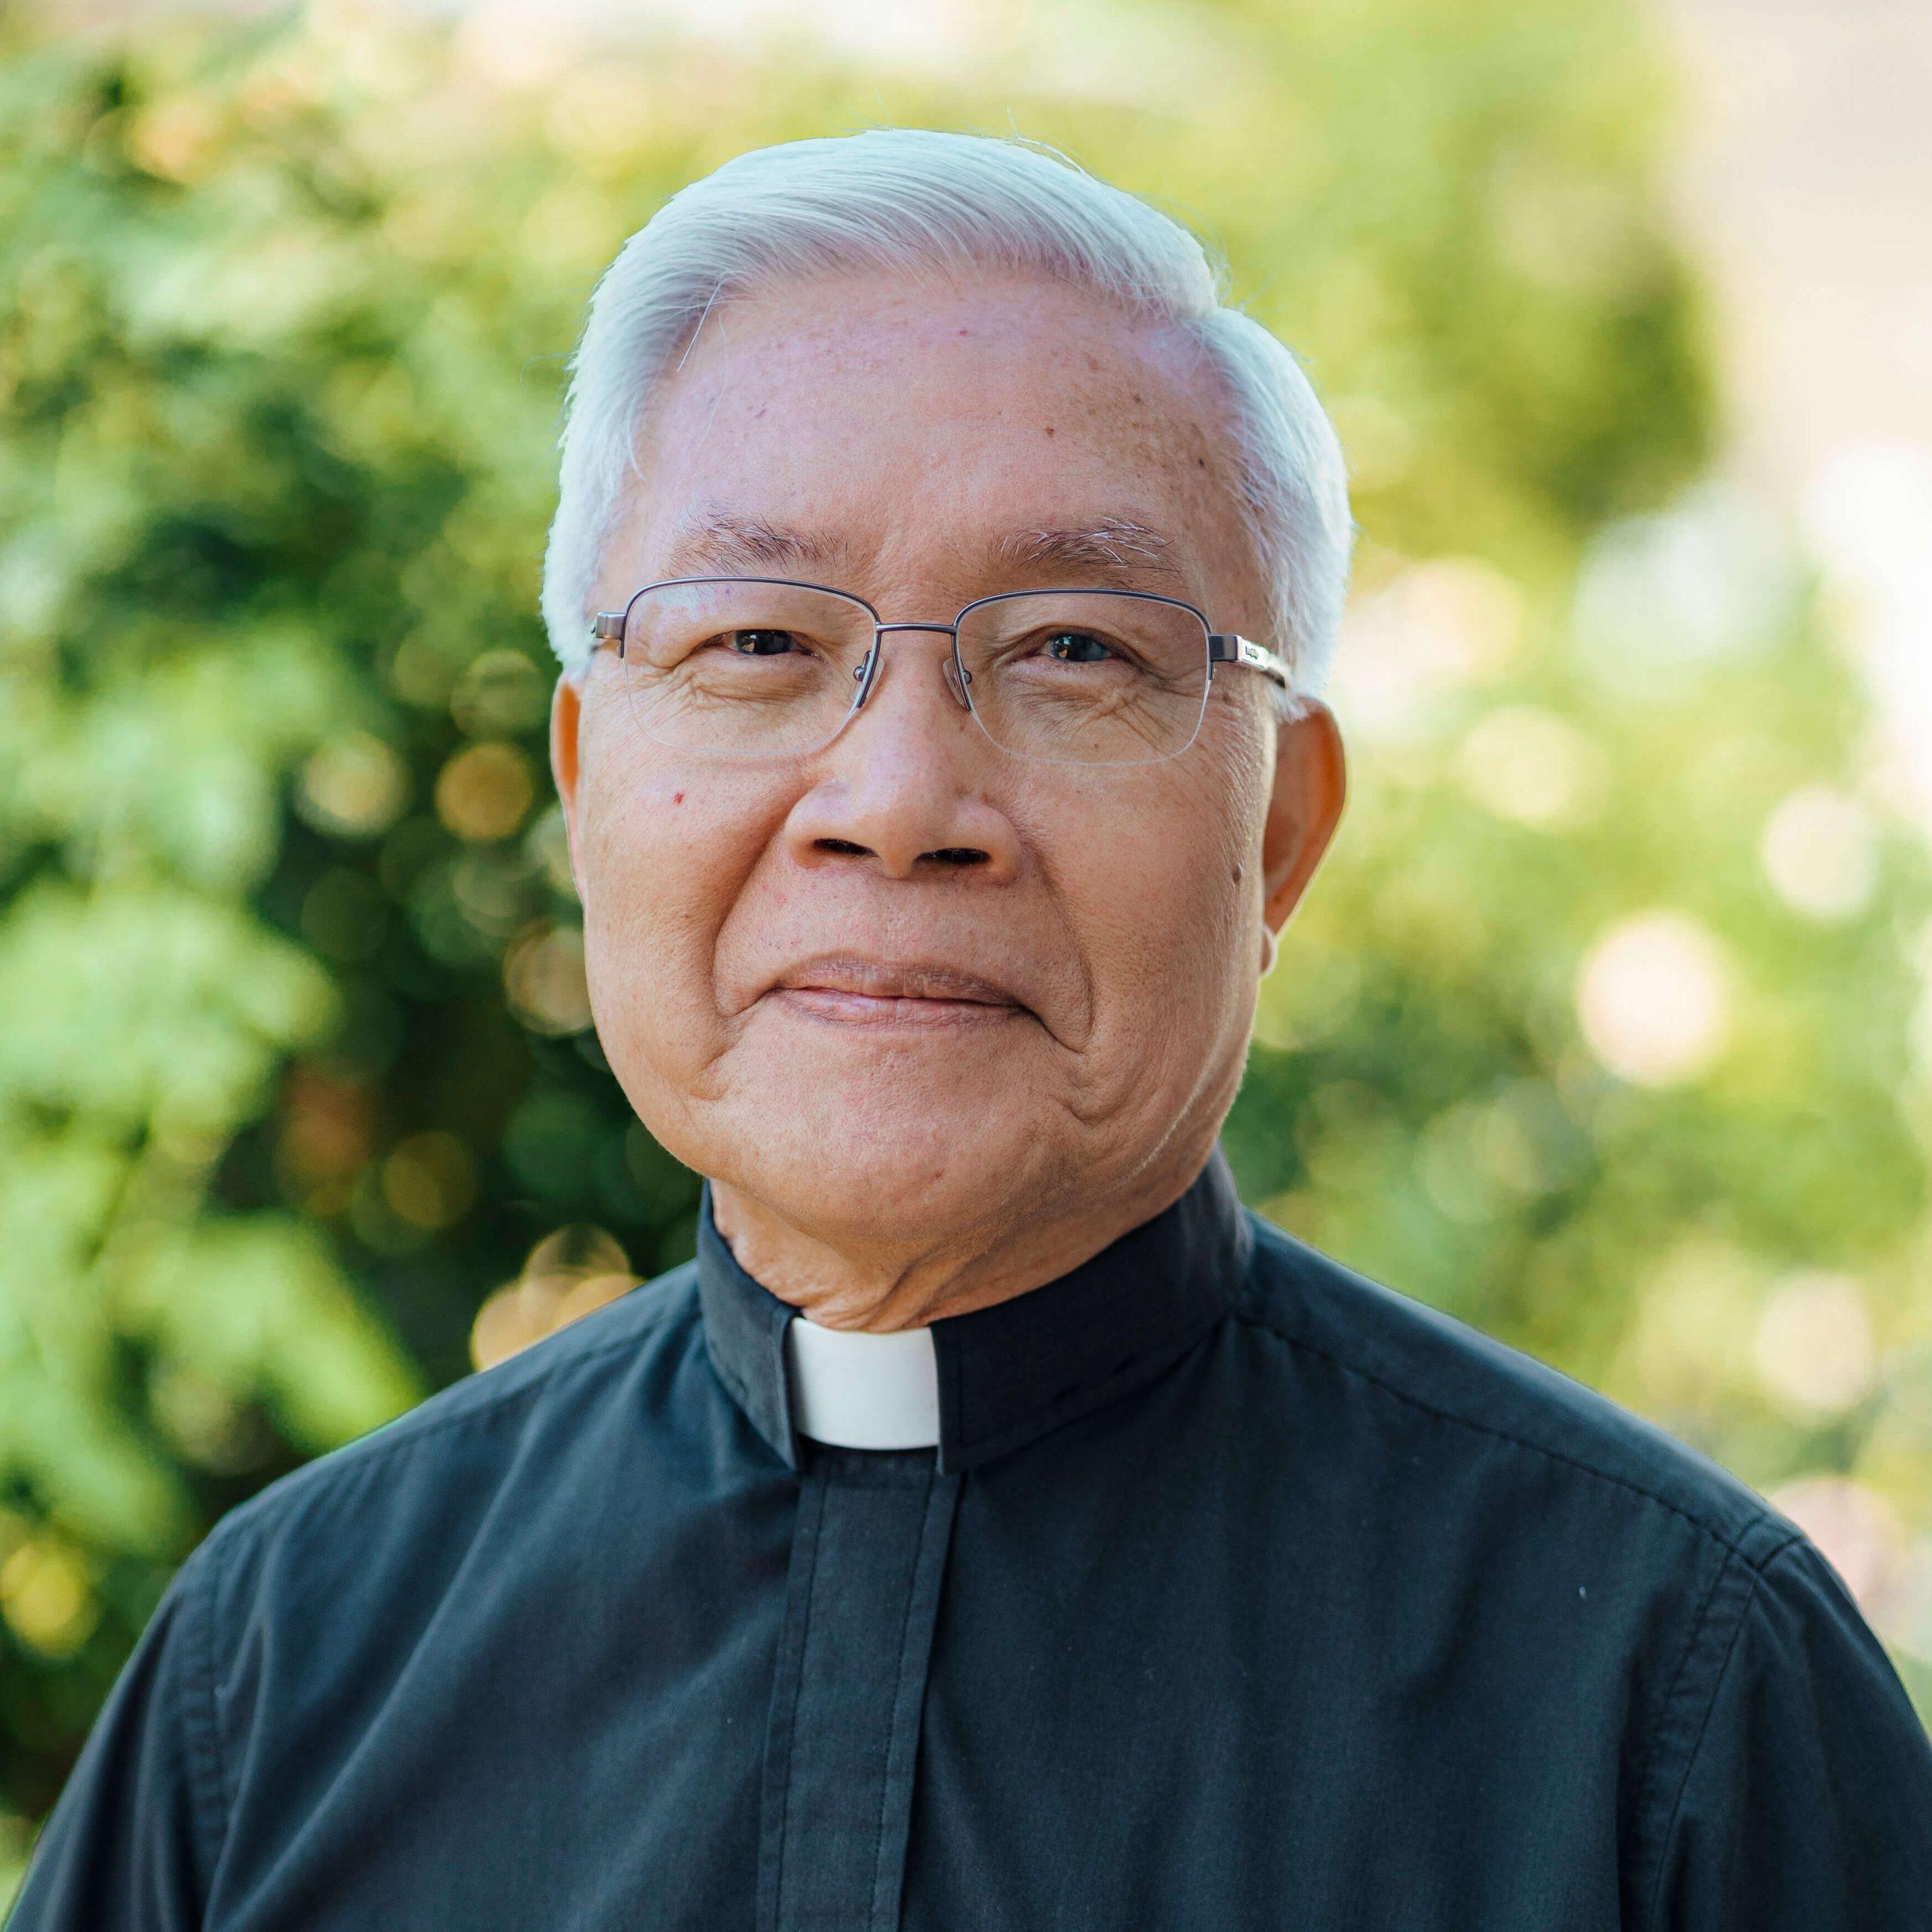 Rev. Joe Khuyen Van Lai